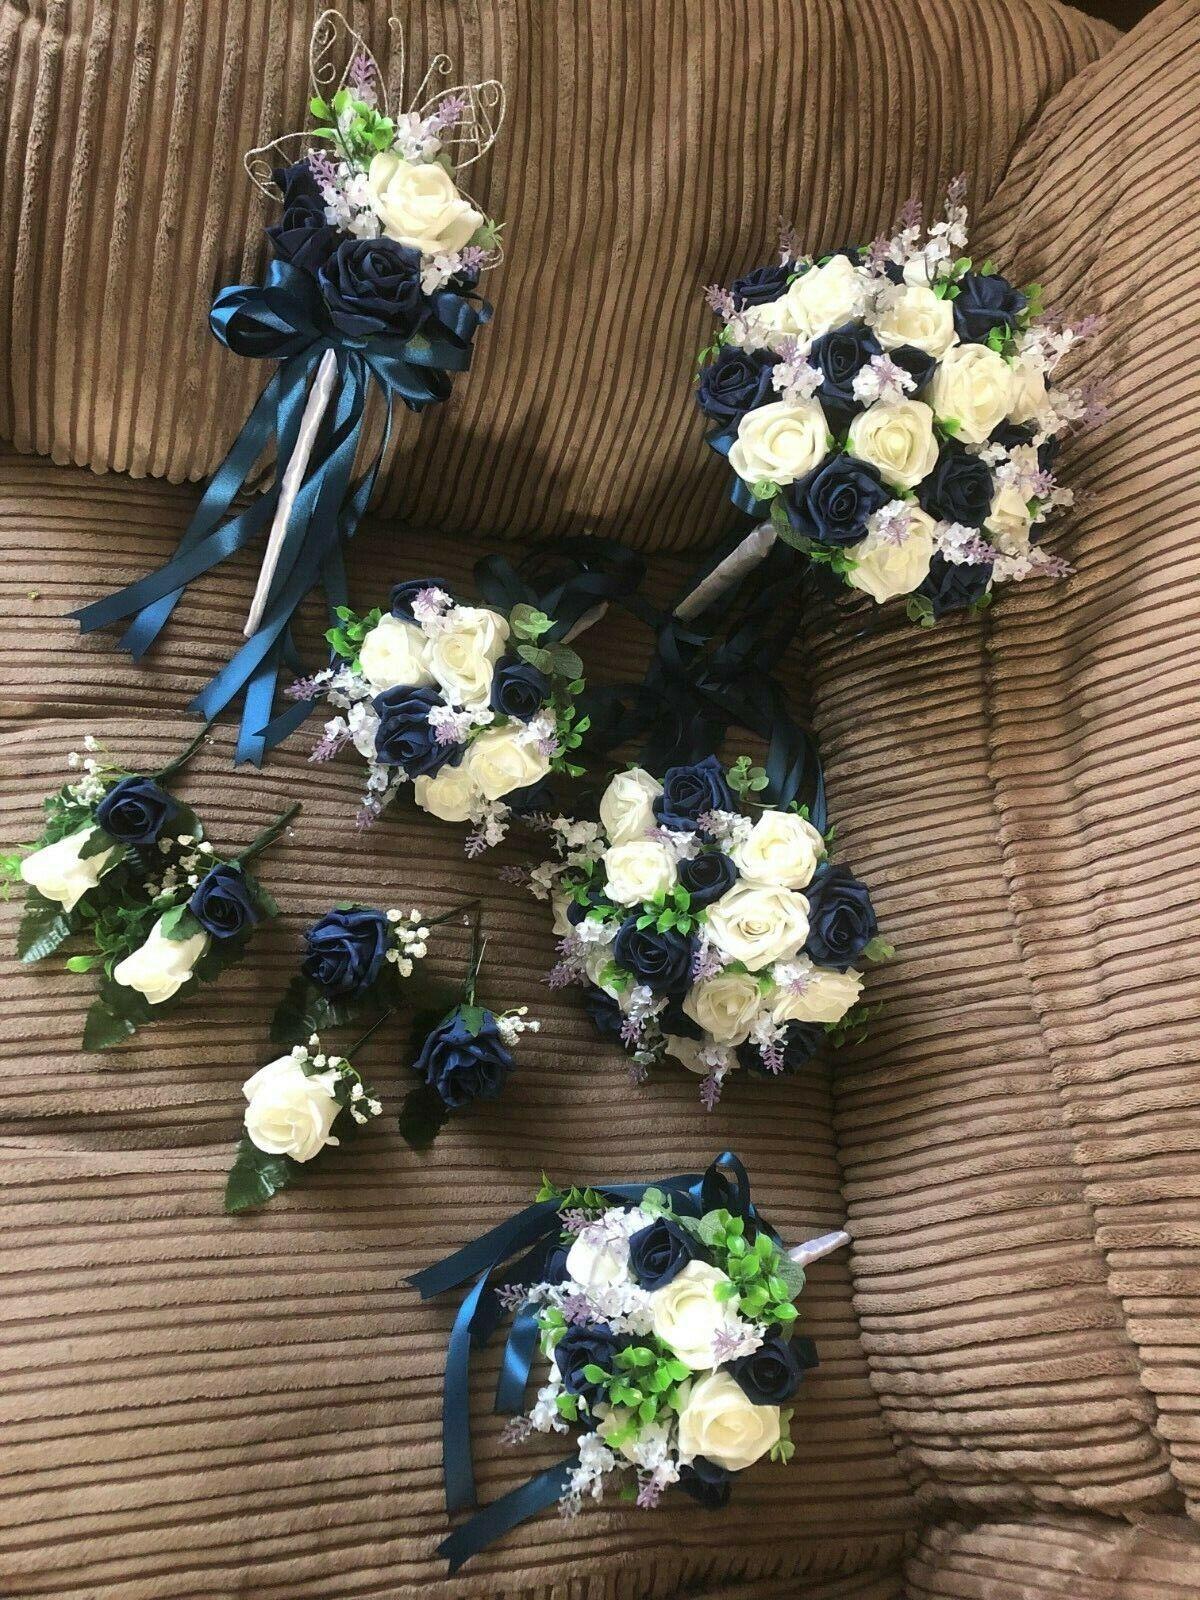 Mariage Fleurs XL bridal bouquet fleur Paquet (Bundle) Bleu Marine & Ivoire